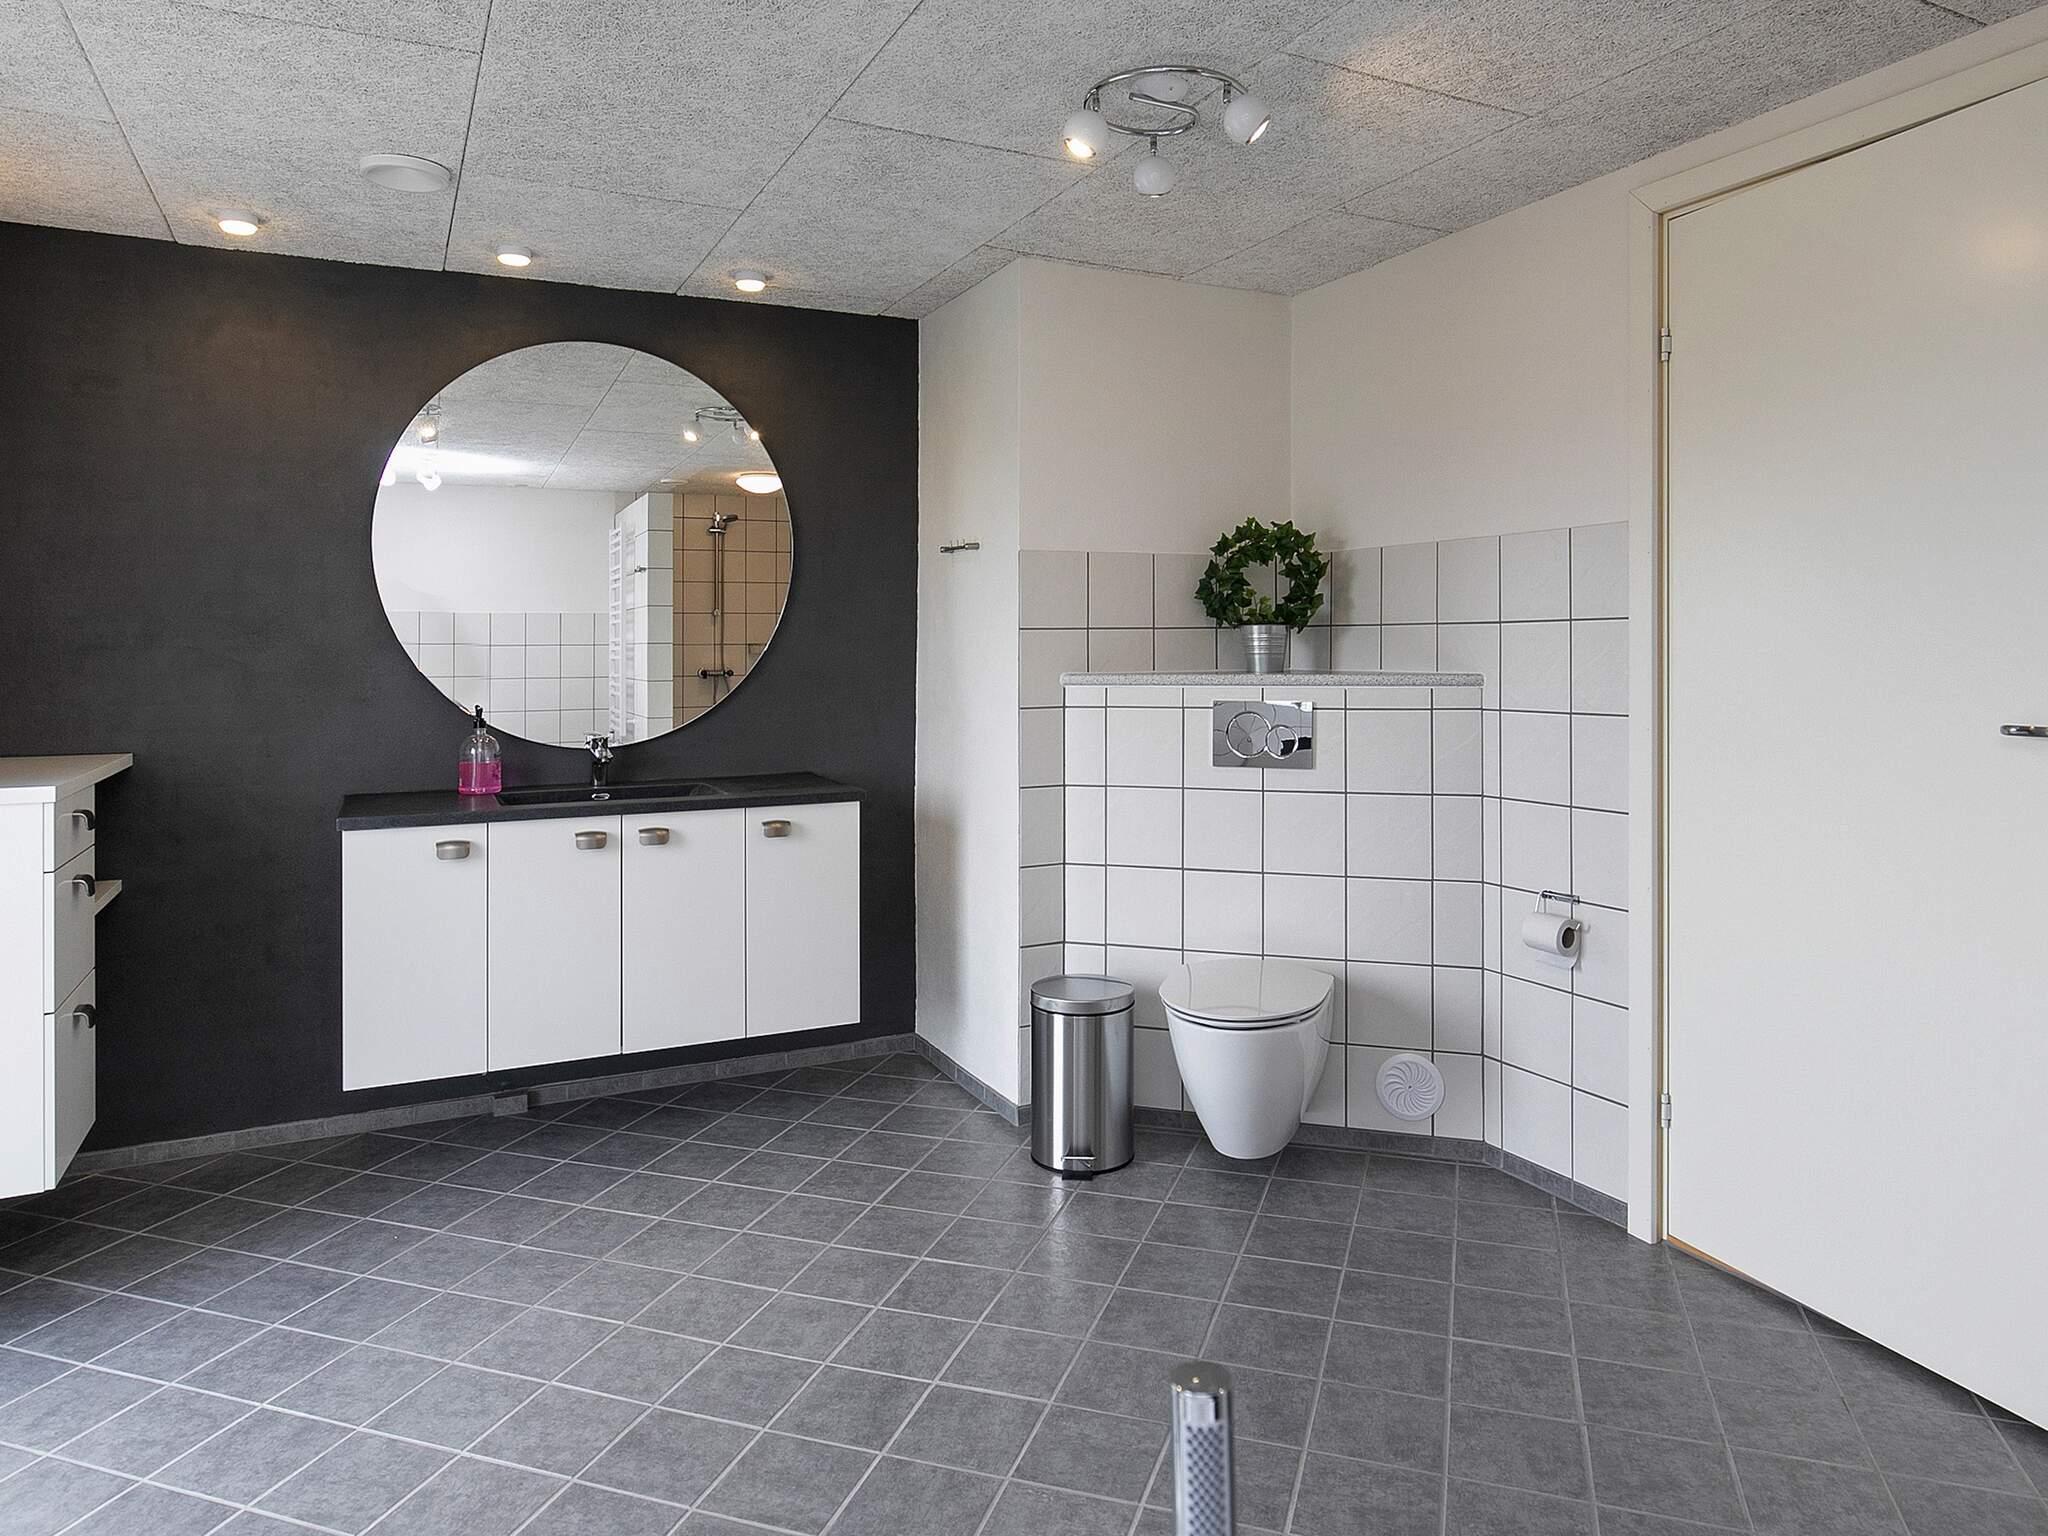 Ferienhaus Ærø/Ærøskøbing (237302), Ærøskøbing, , Ærø, Dänemark, Bild 8